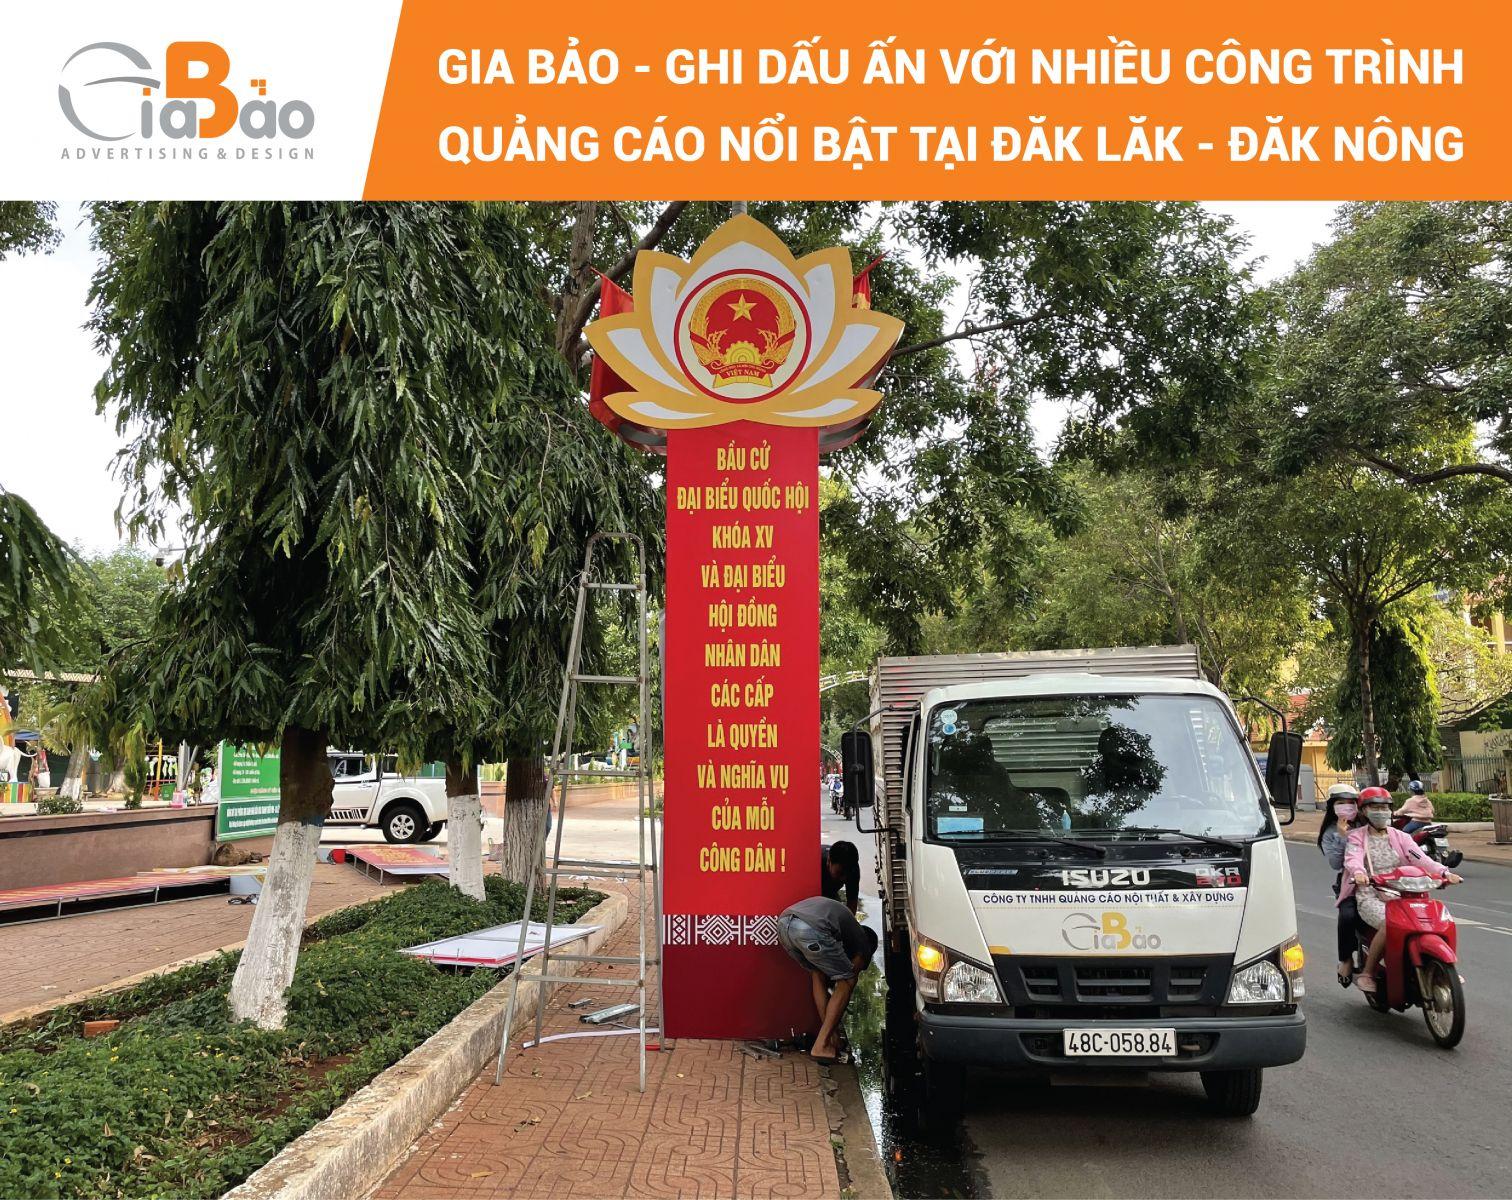 Gia Bảo - Ghi dấu ấn với nhiều công trình quảng cáo nổi bật tại Đăk Lăk - Đăk Nông